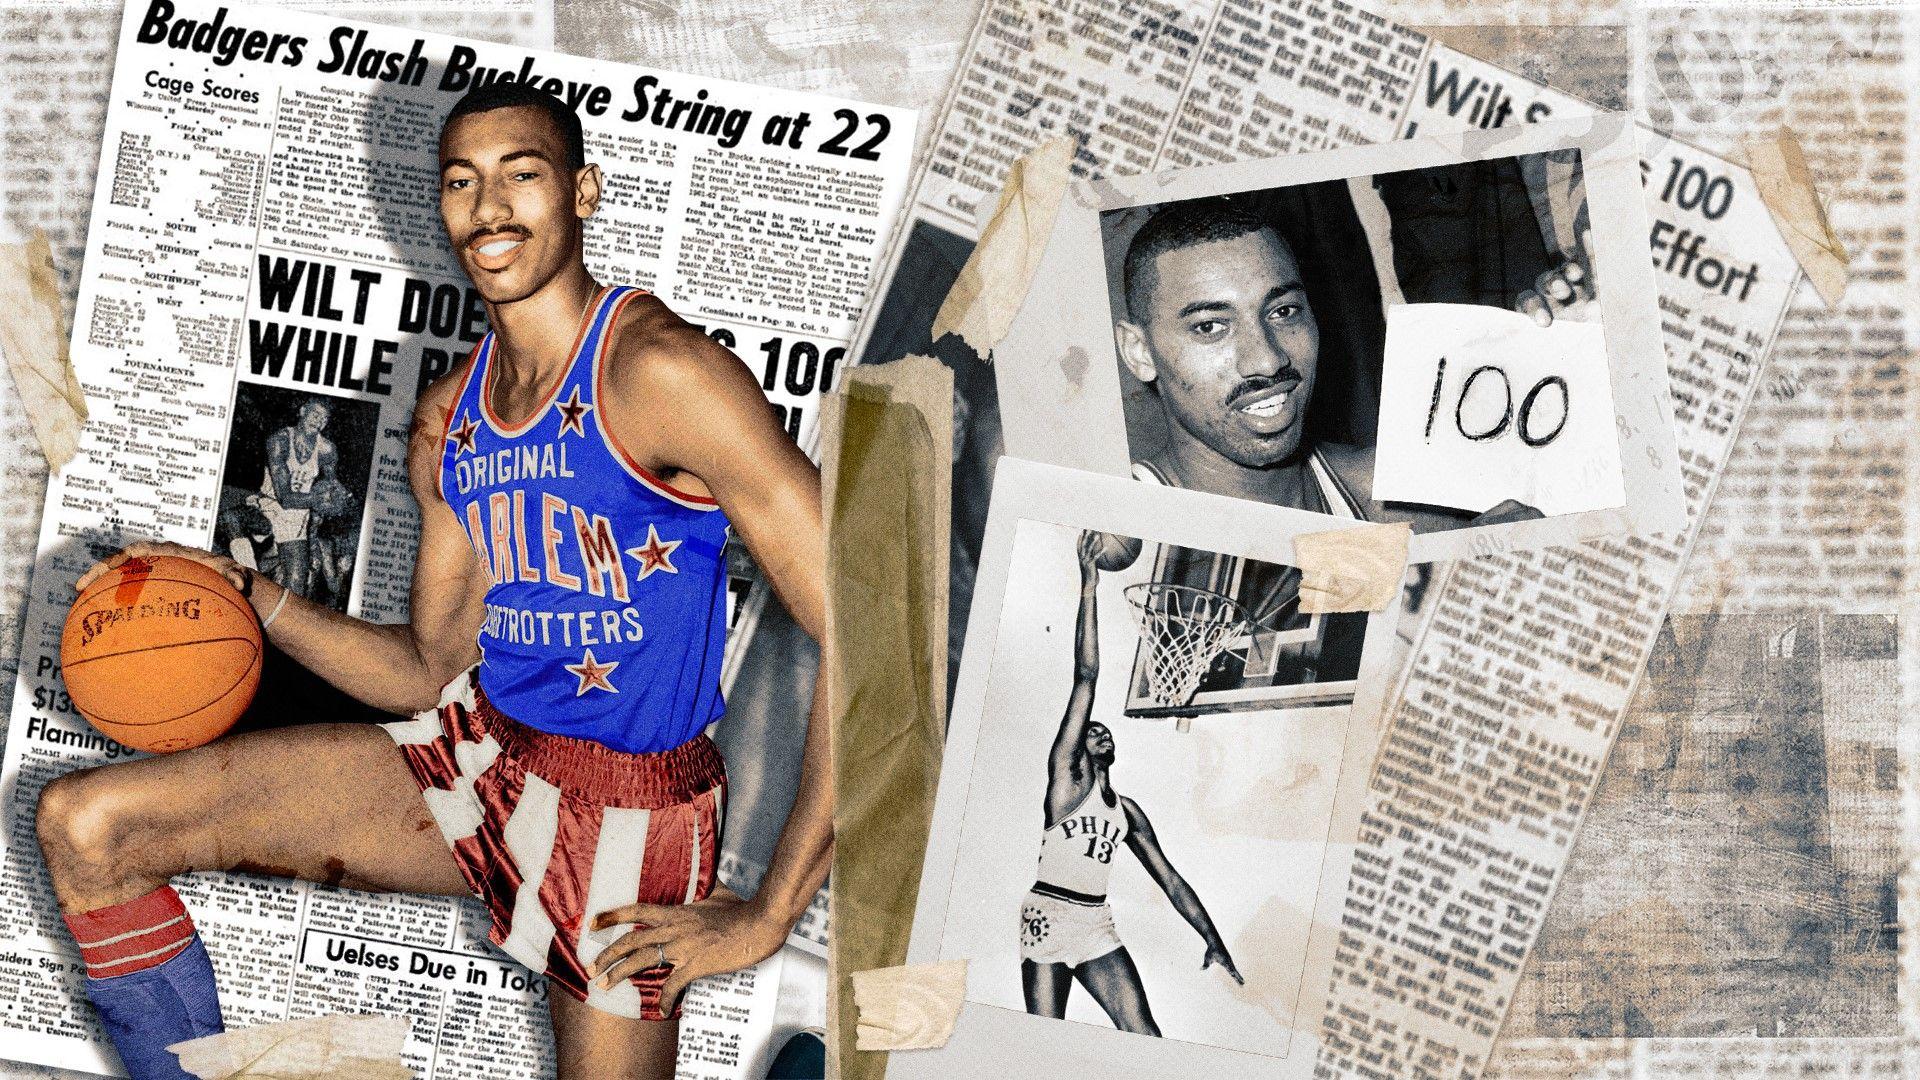 Голиат сред простосмъртни  - Уилт Чембърлейн бе първата суперзвезда на NBA